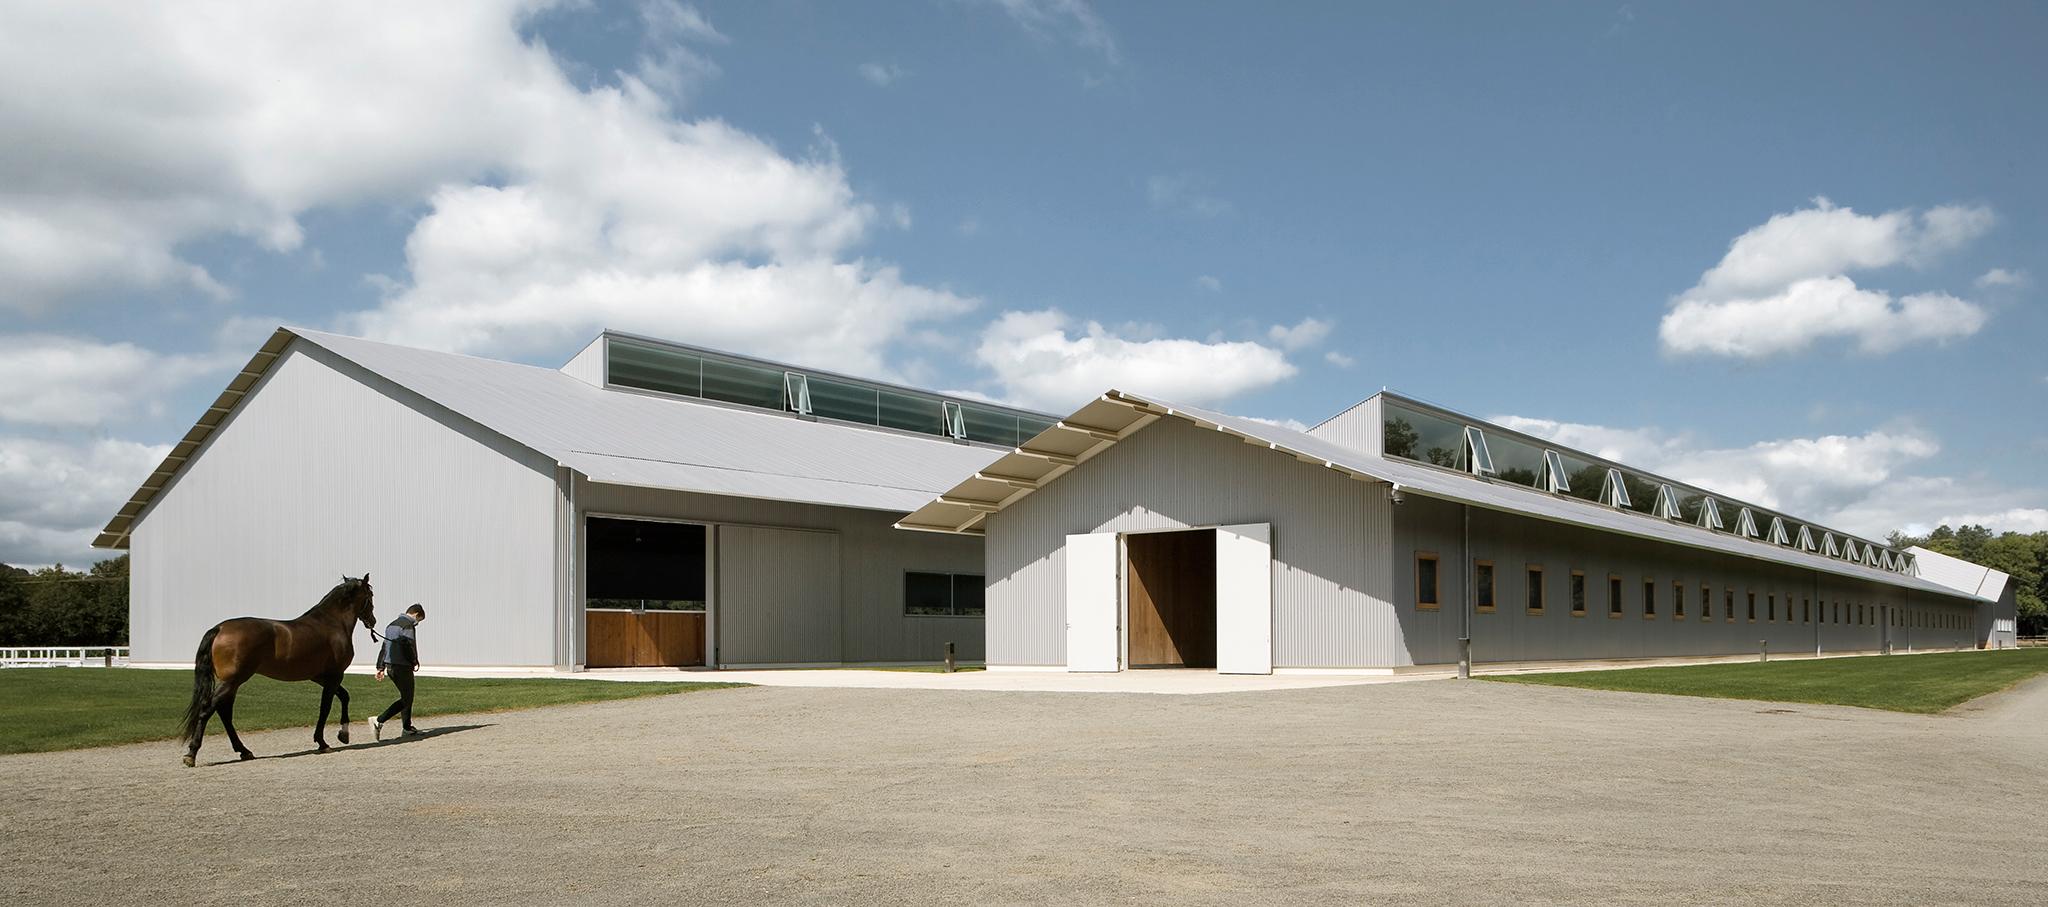 Centro hípico de alto rendimiento por Francisco Mangado. Fotografía © Pedro Pegenaute